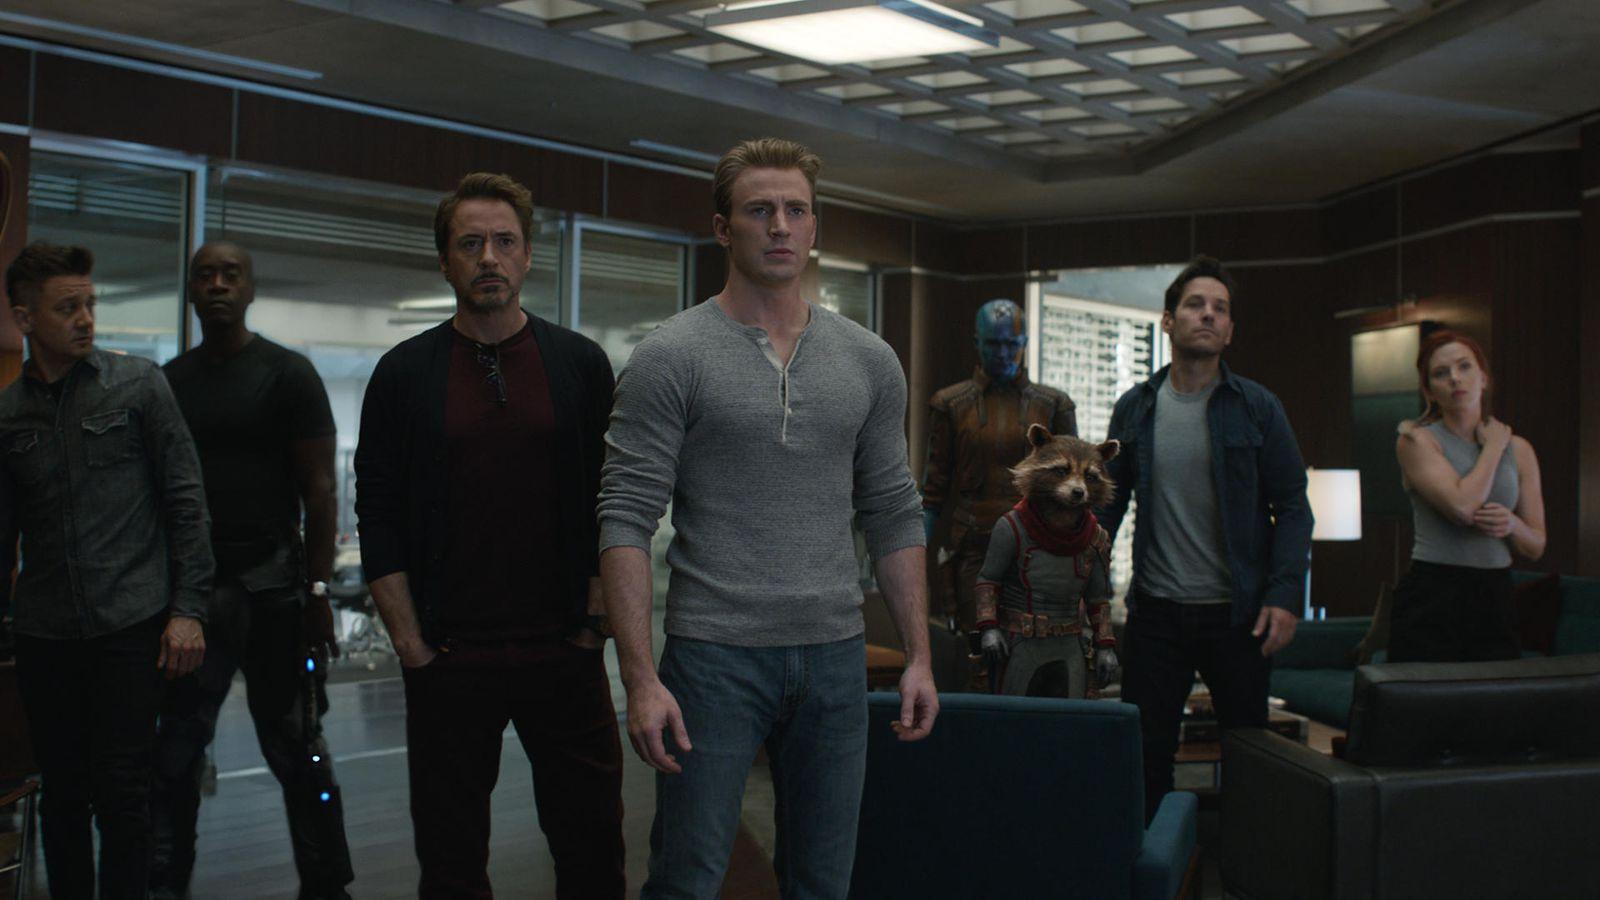 avengers-endgame-group-shot.jpg